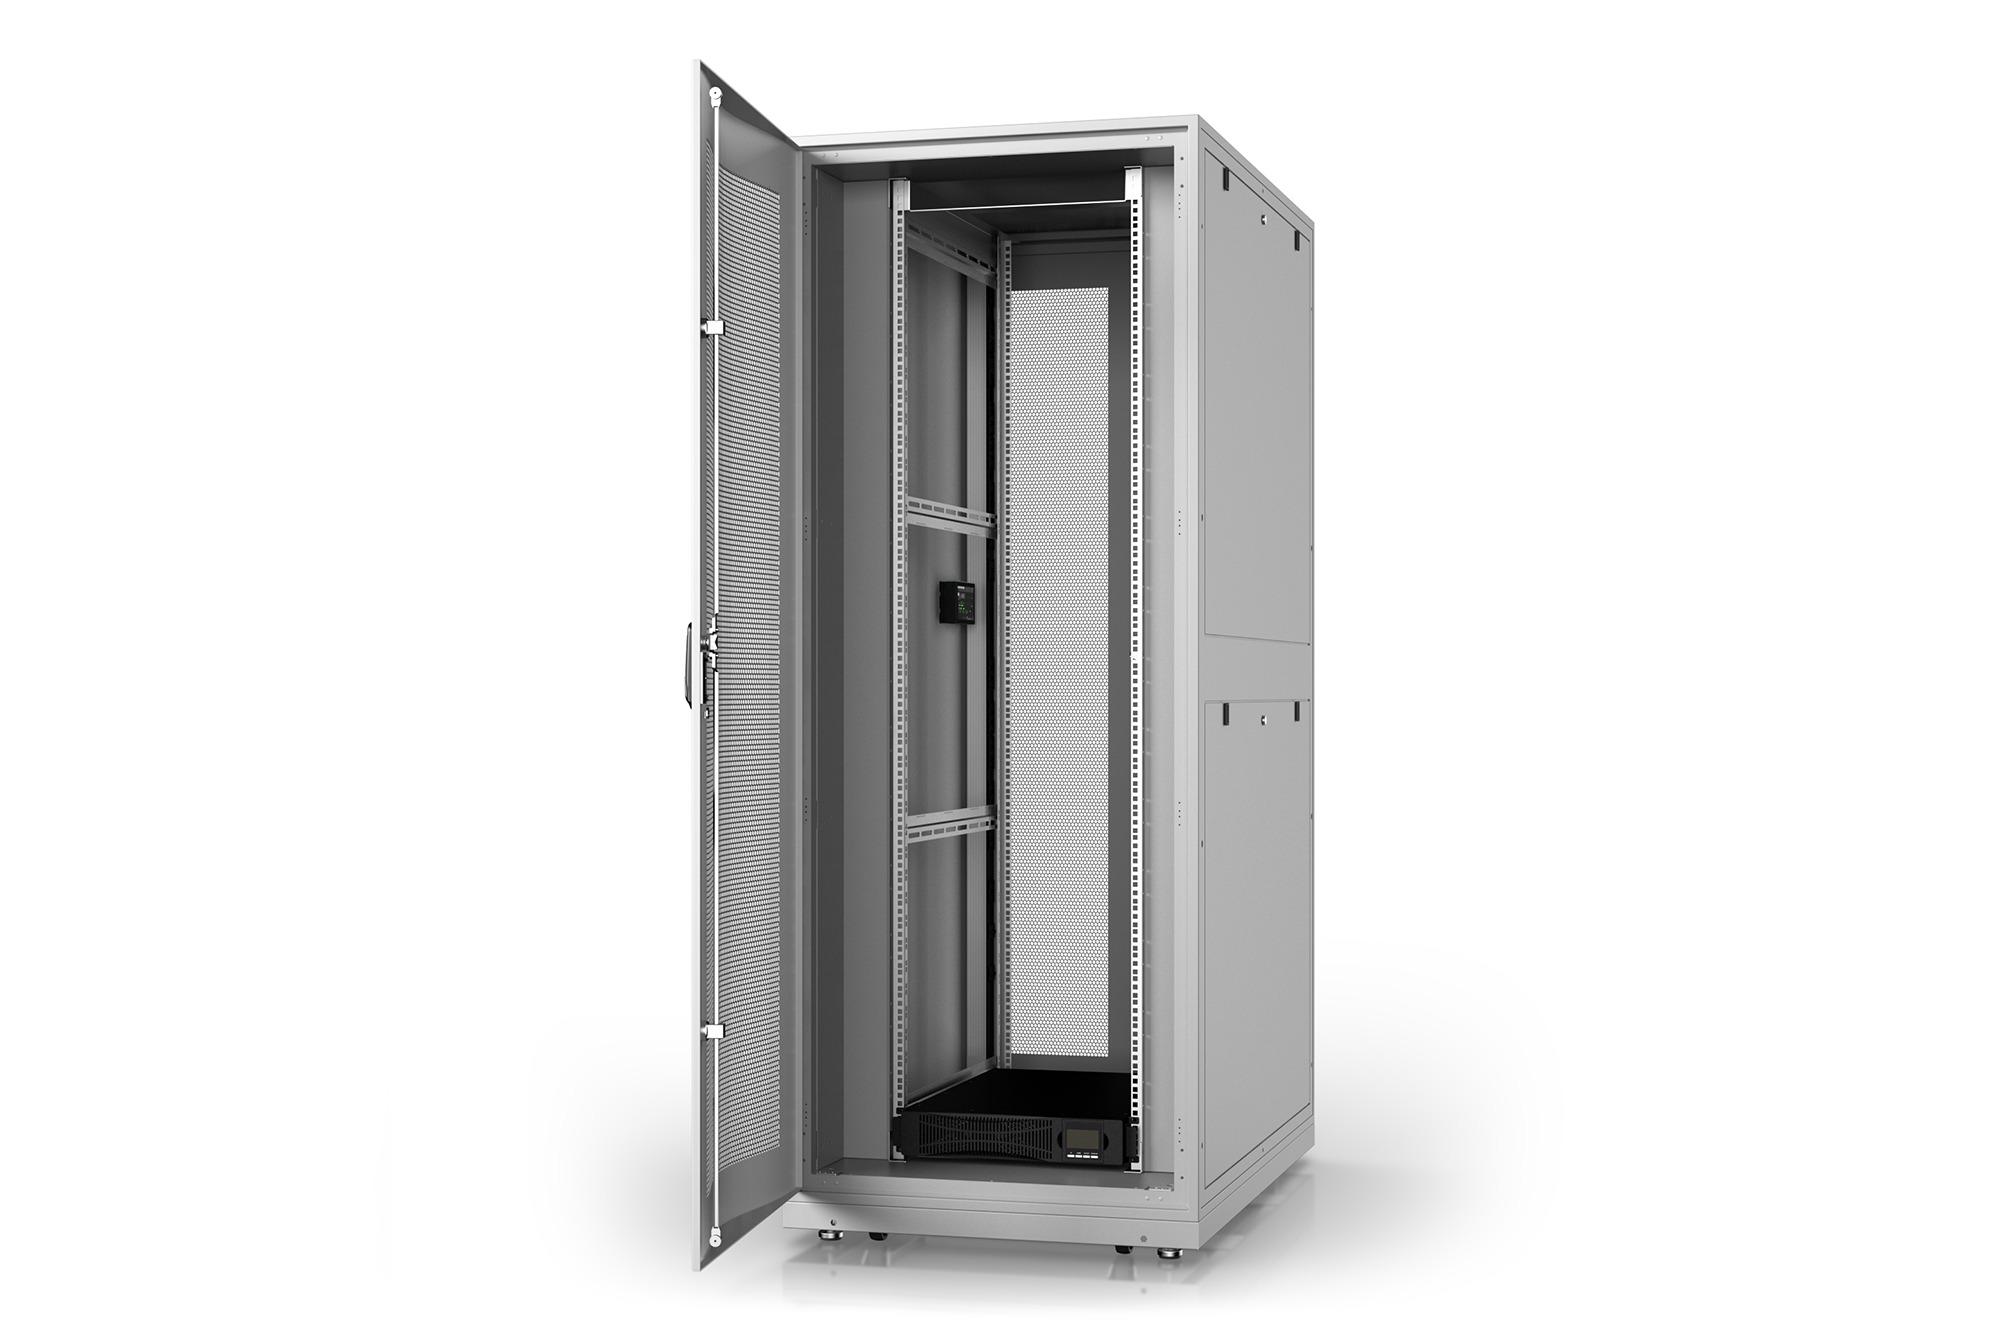 Armadio rack 42u 600×1000 con gruppo di continuita' online 3000va/, multipresa smart, sensori temperatura, sensori porta e sistema monitoraggio